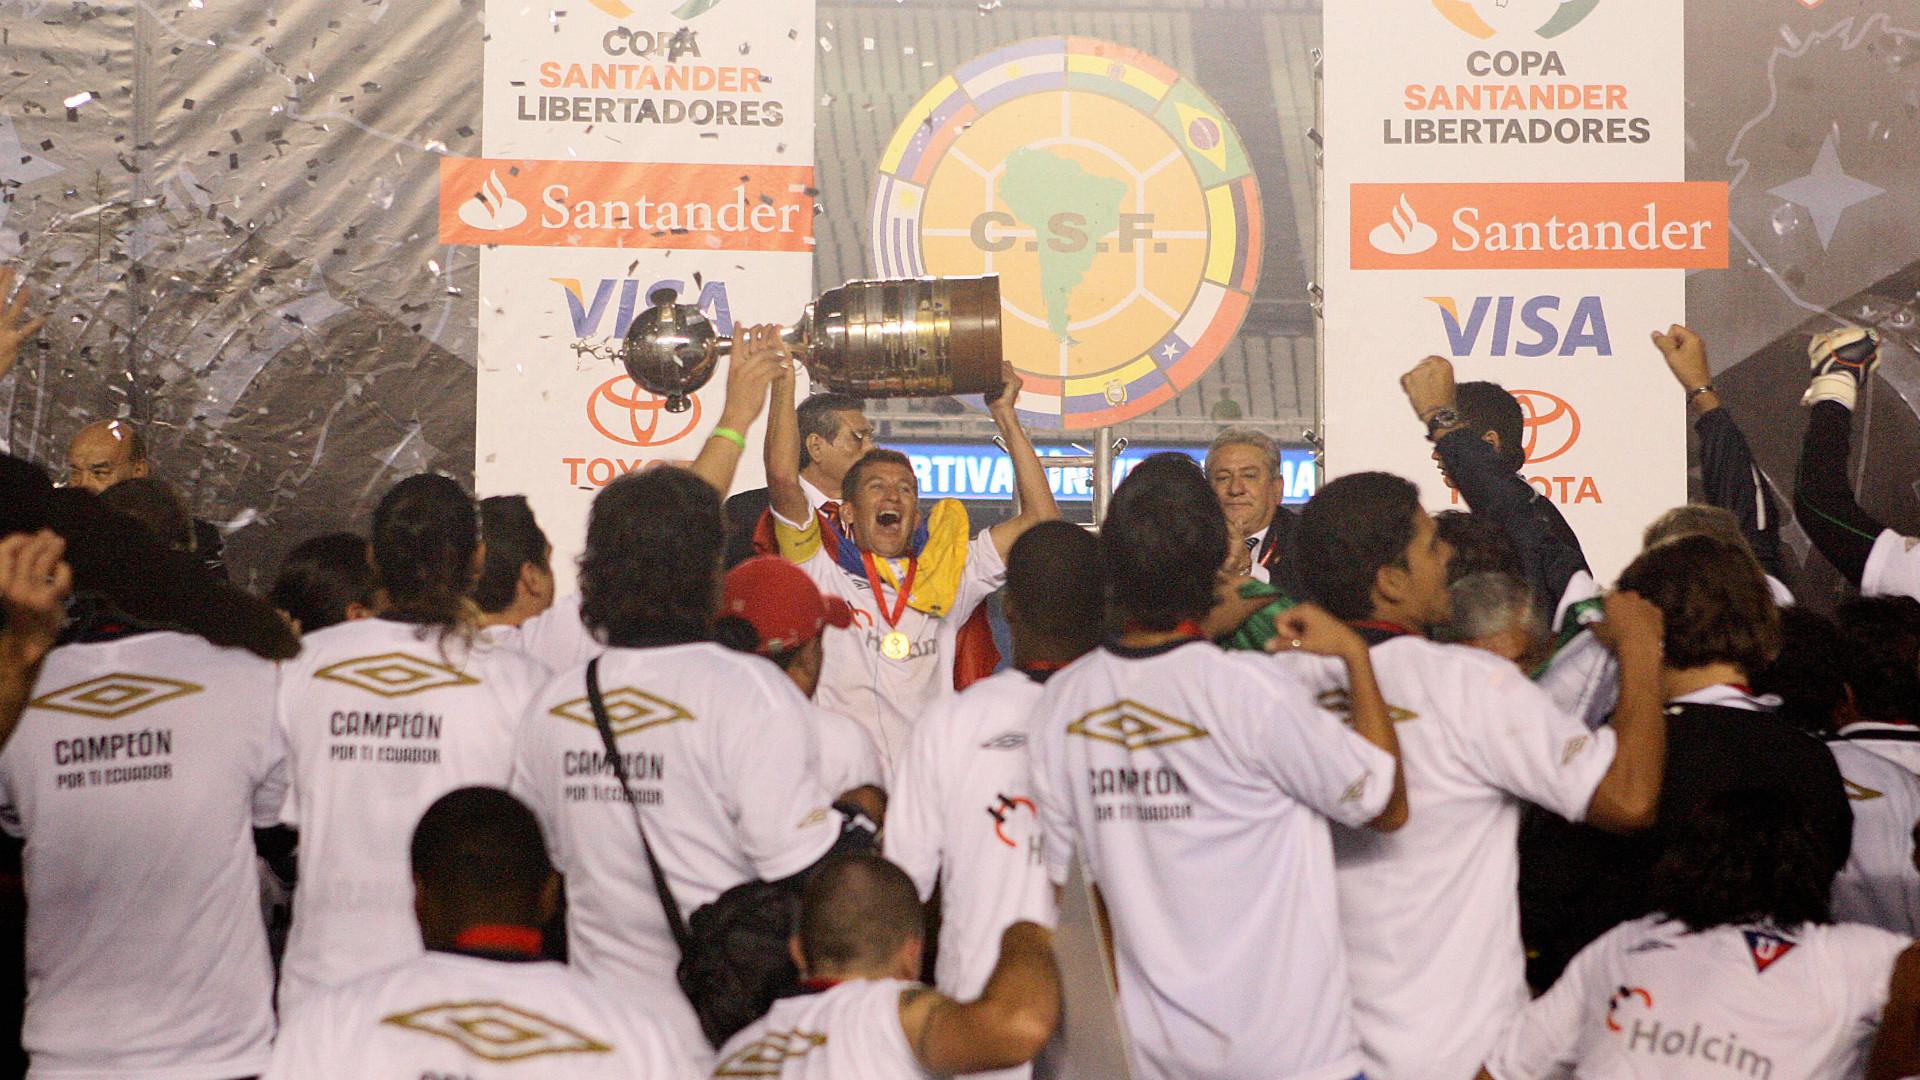 Liga Deportiva Univetsitaria de Quito Copa Libertadores champions 2008